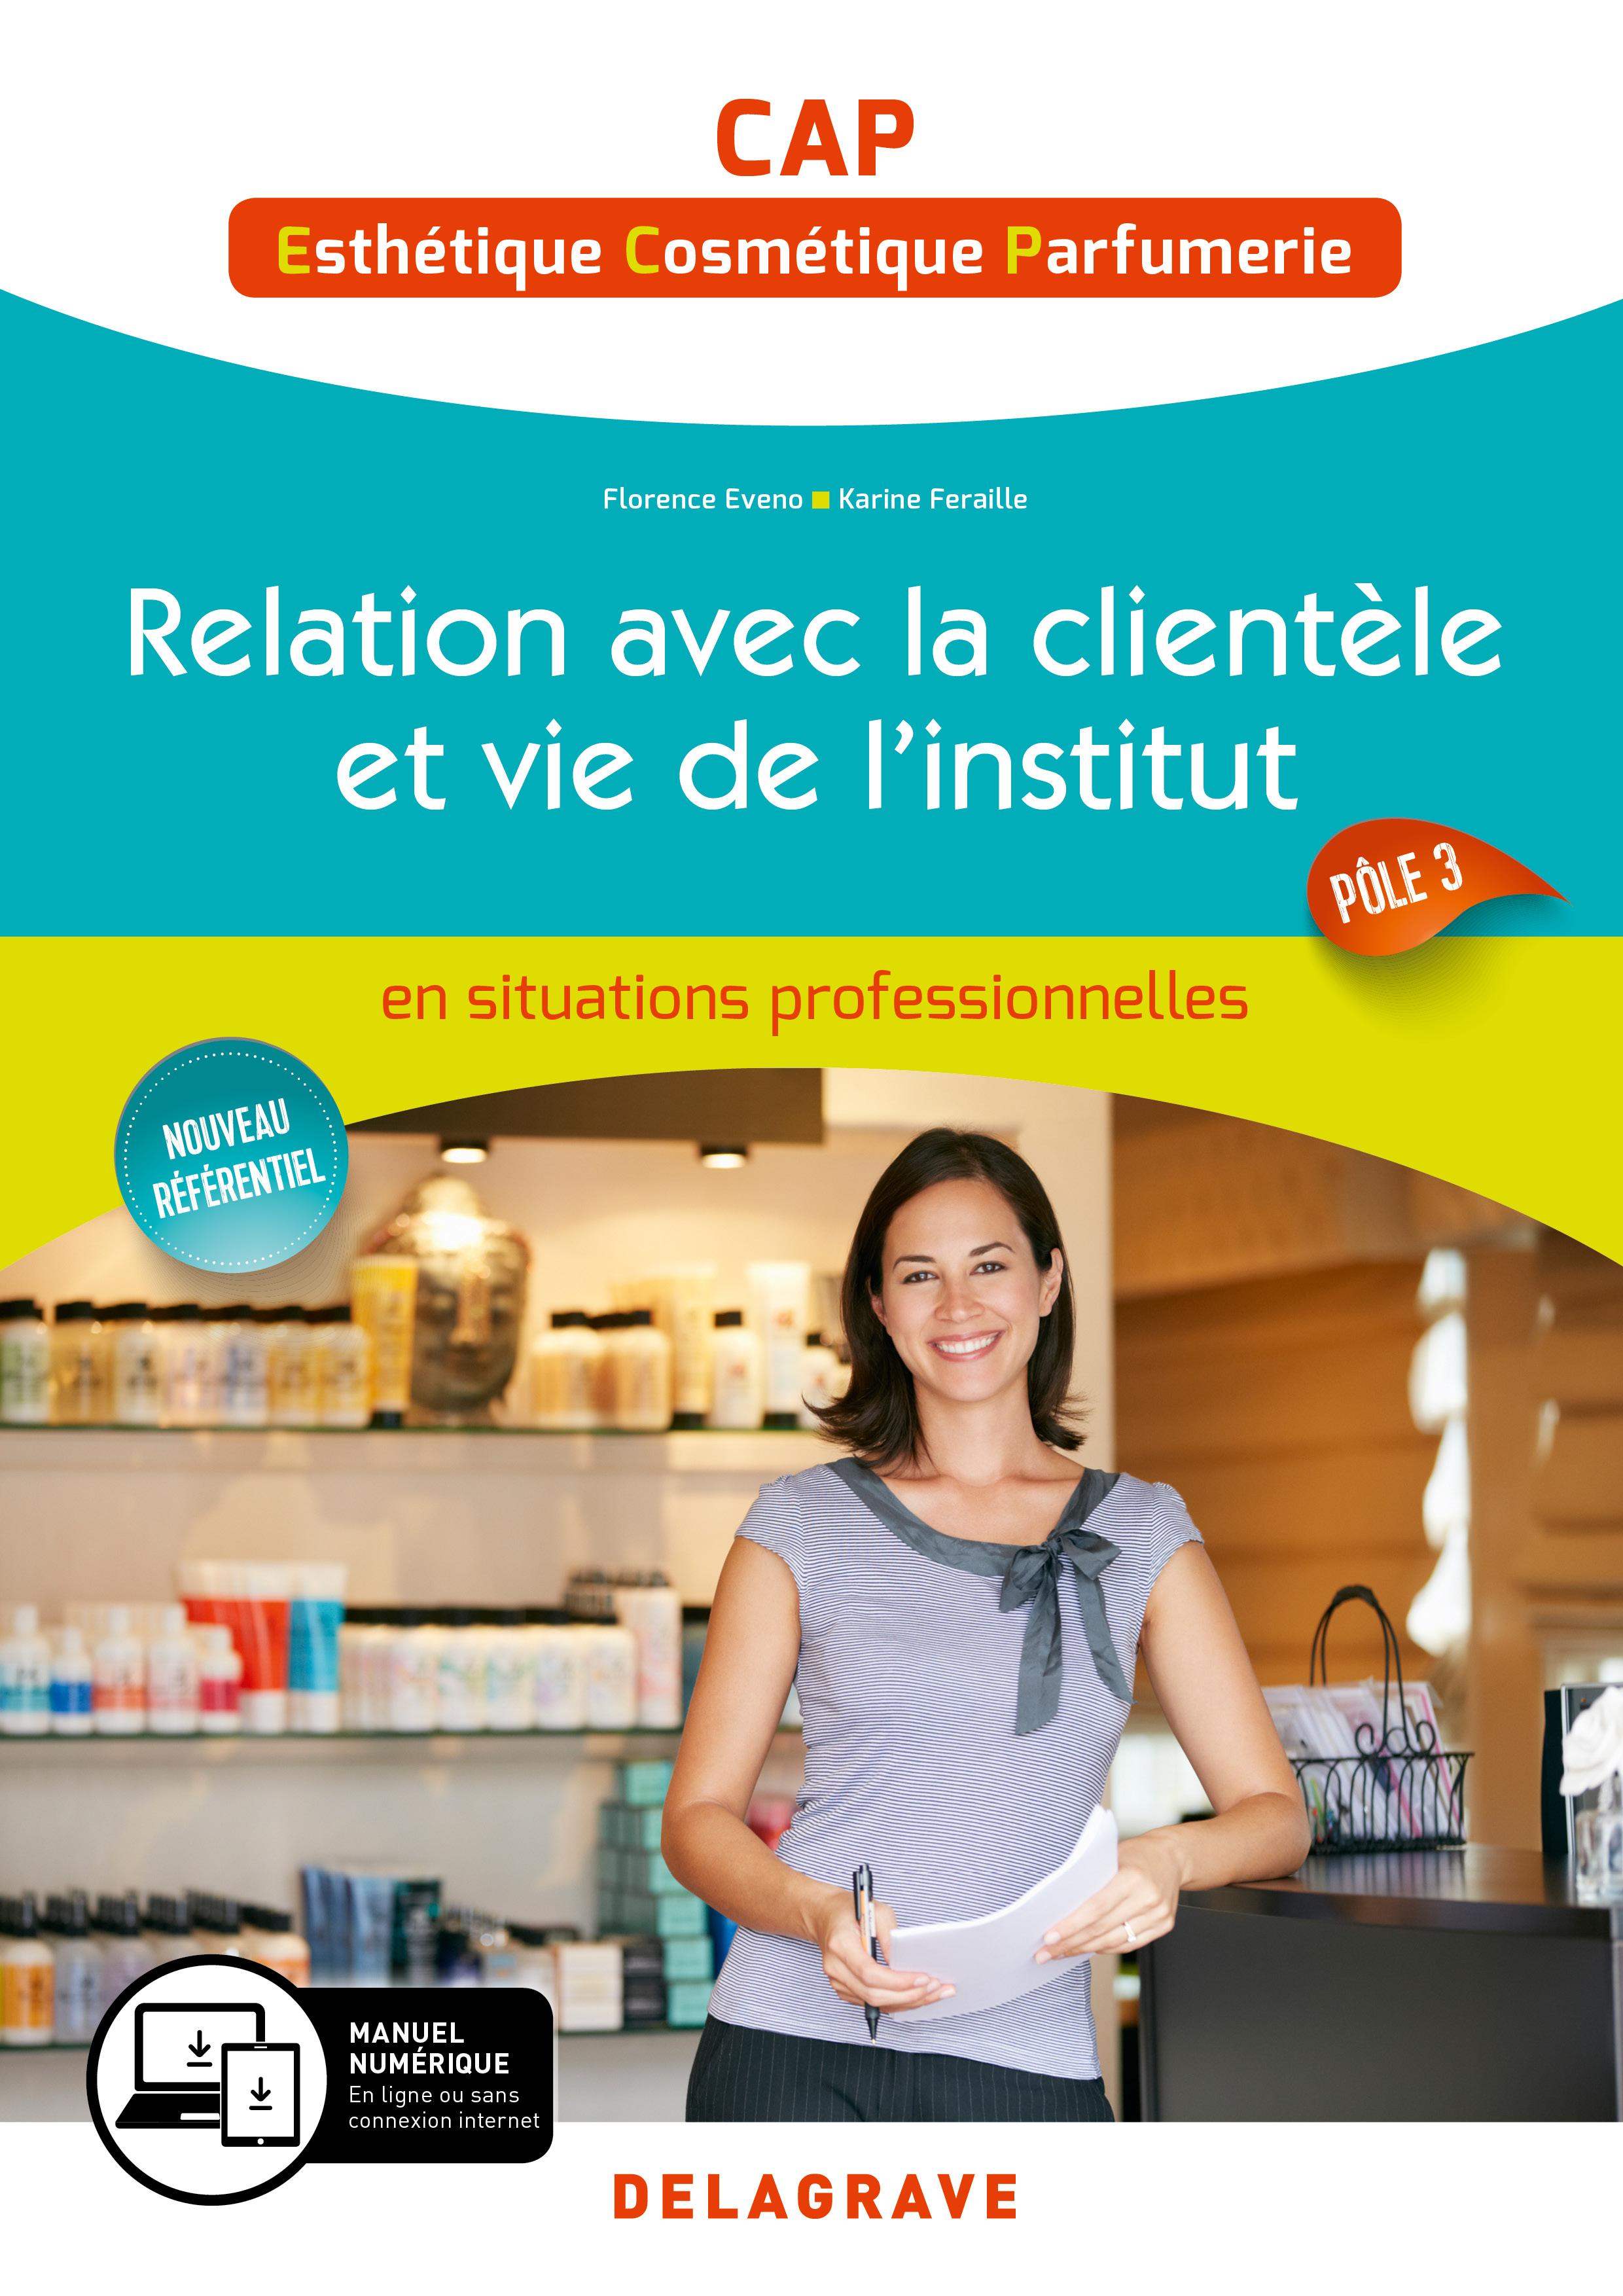 Relation Avec La Clientele Et Vie De L Institut Pole 3 Cap